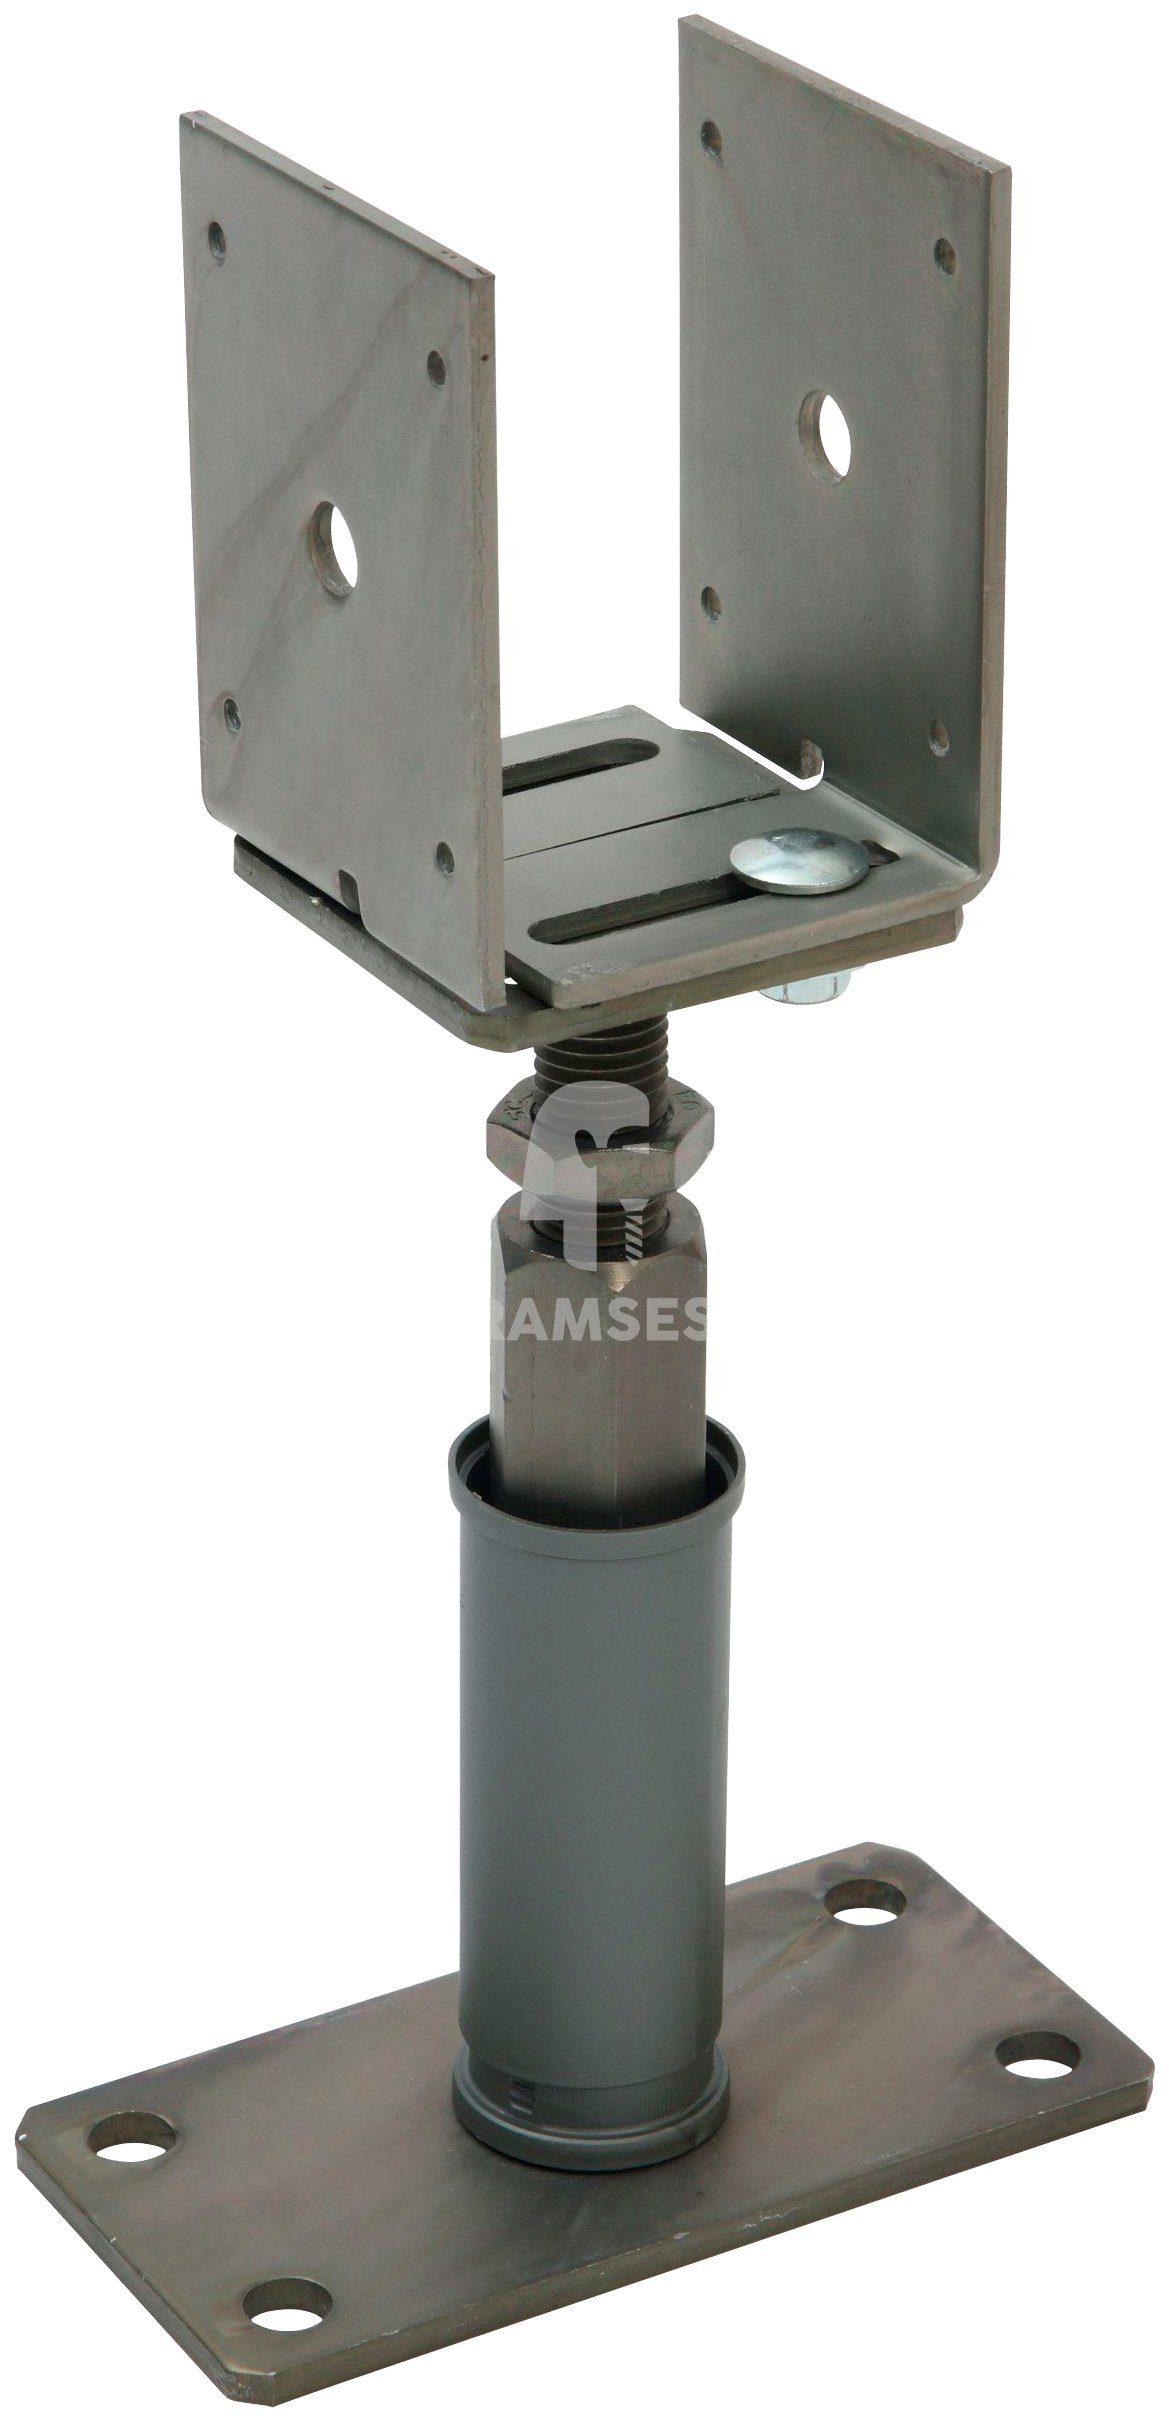 RAMSES Pfostenträger , seiten- und höhenverstellbar 80-160 x 135-200 mm